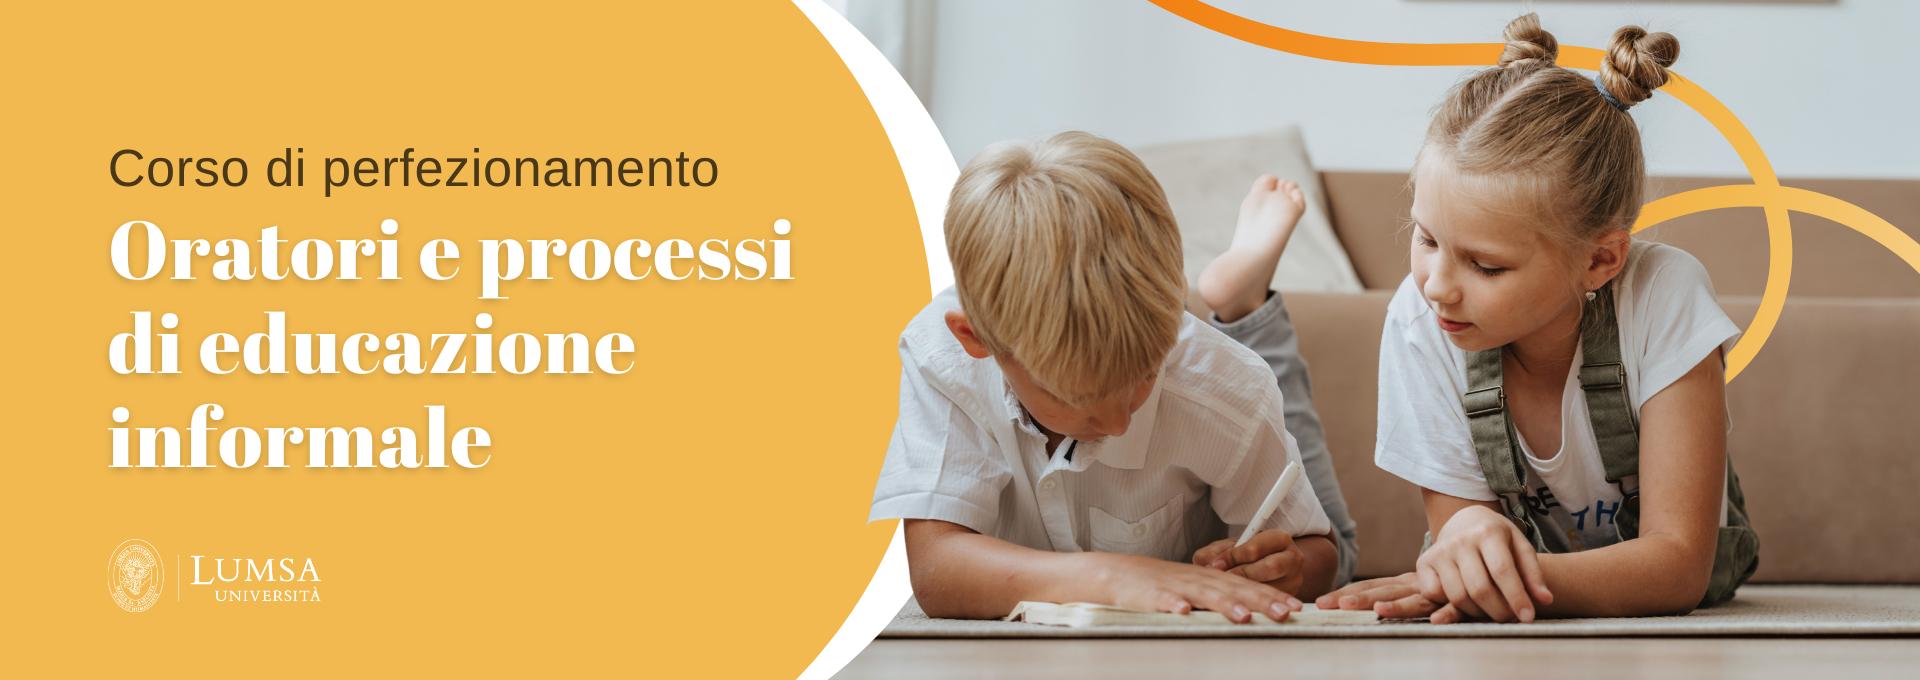 Corso_di_perfezionamento_in_Oratori_e_processi_di_educazione_informale_1